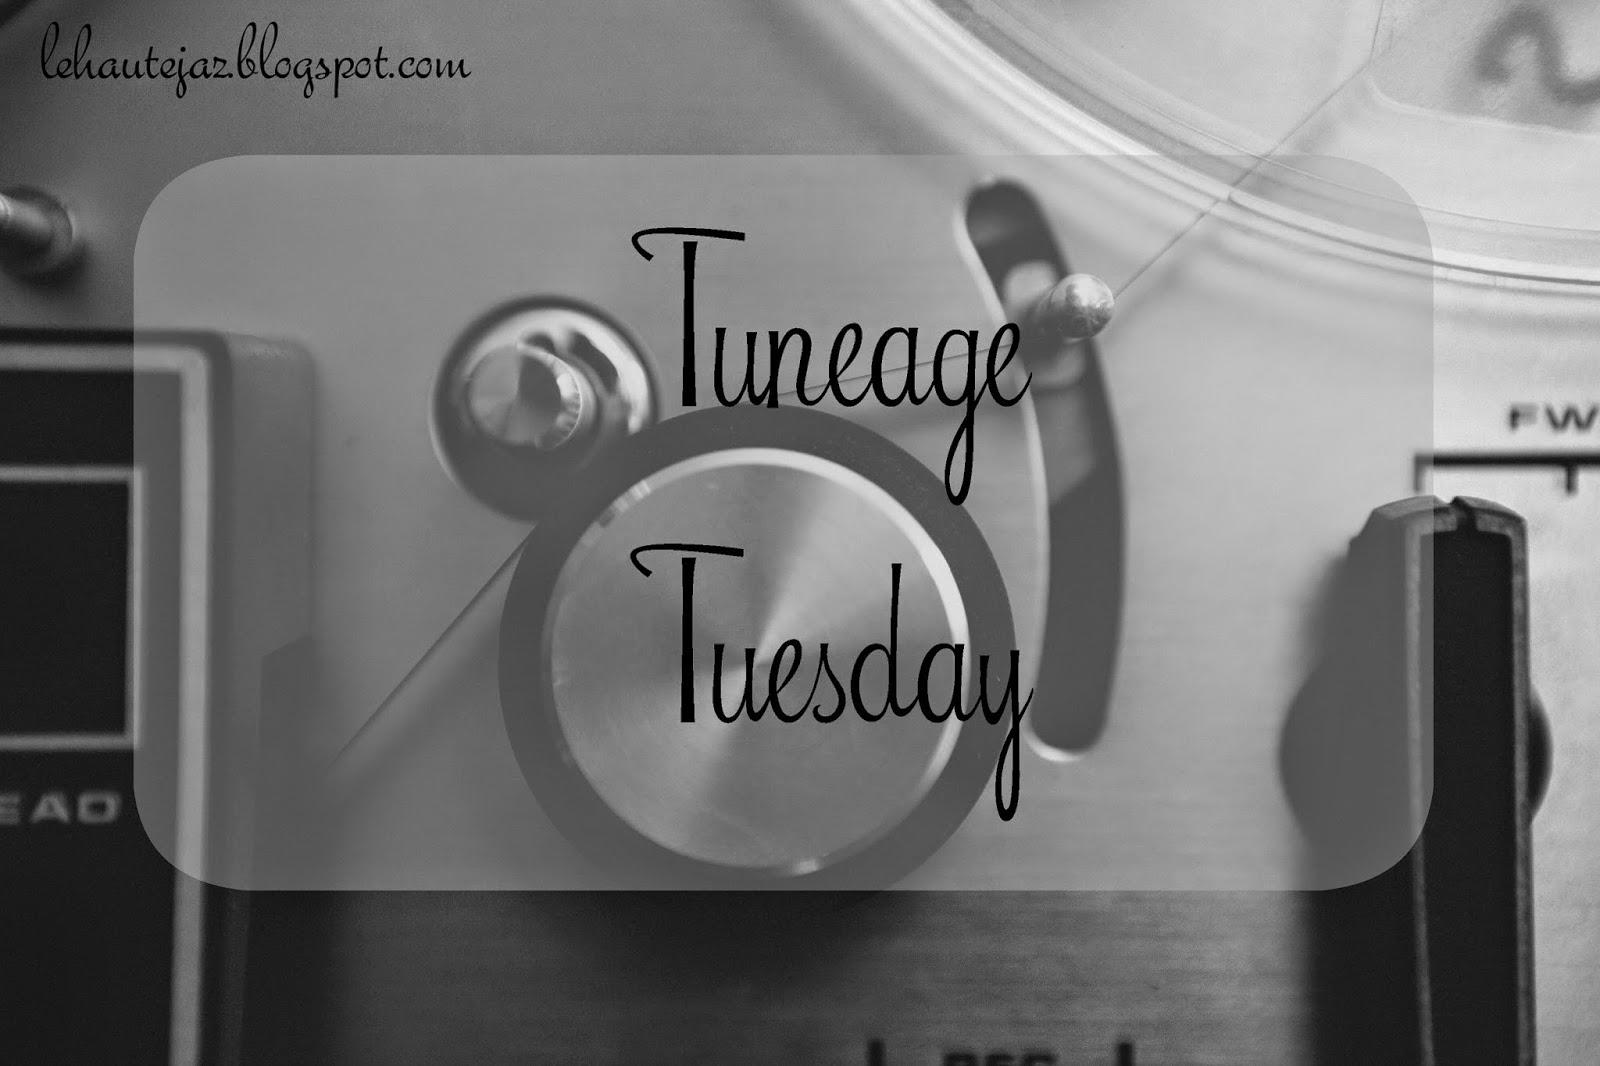 Tuneage Tuesday: Grown-up Christmas List - Le Haute Jaz